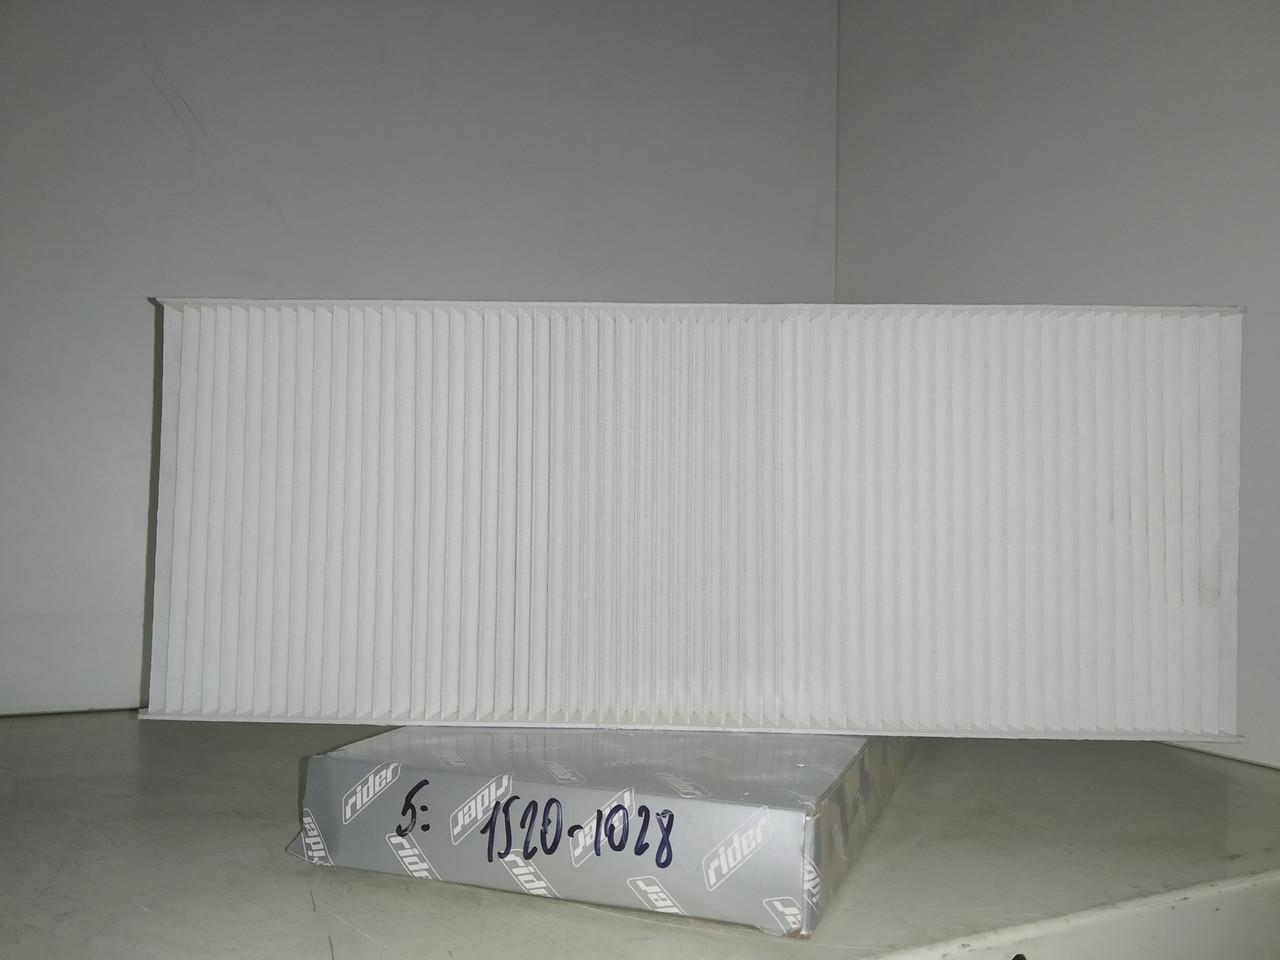 Фільтр салону AUDI A4 (95-01, VW PASSAT 96-00